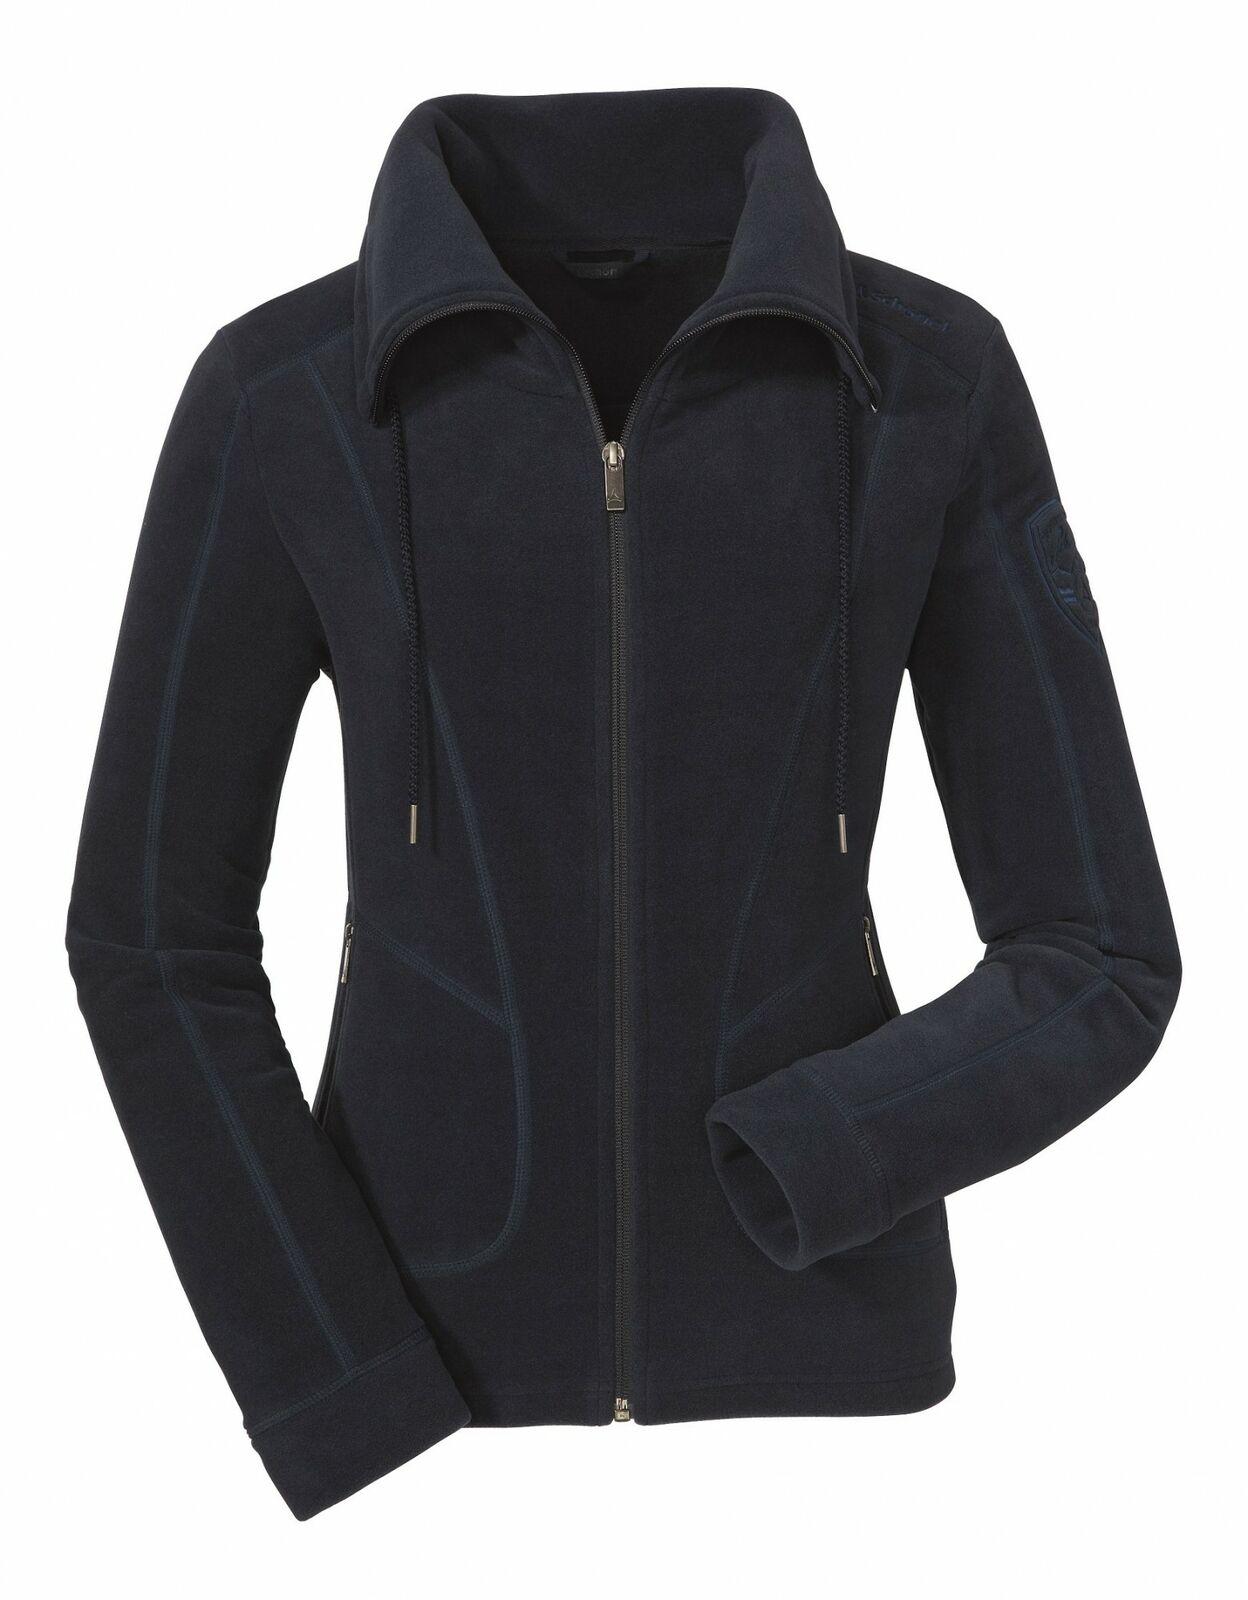 Schöffel Saint Malo Damen Fleecejacke Outdoorjacke Funktionsjacke Fleece